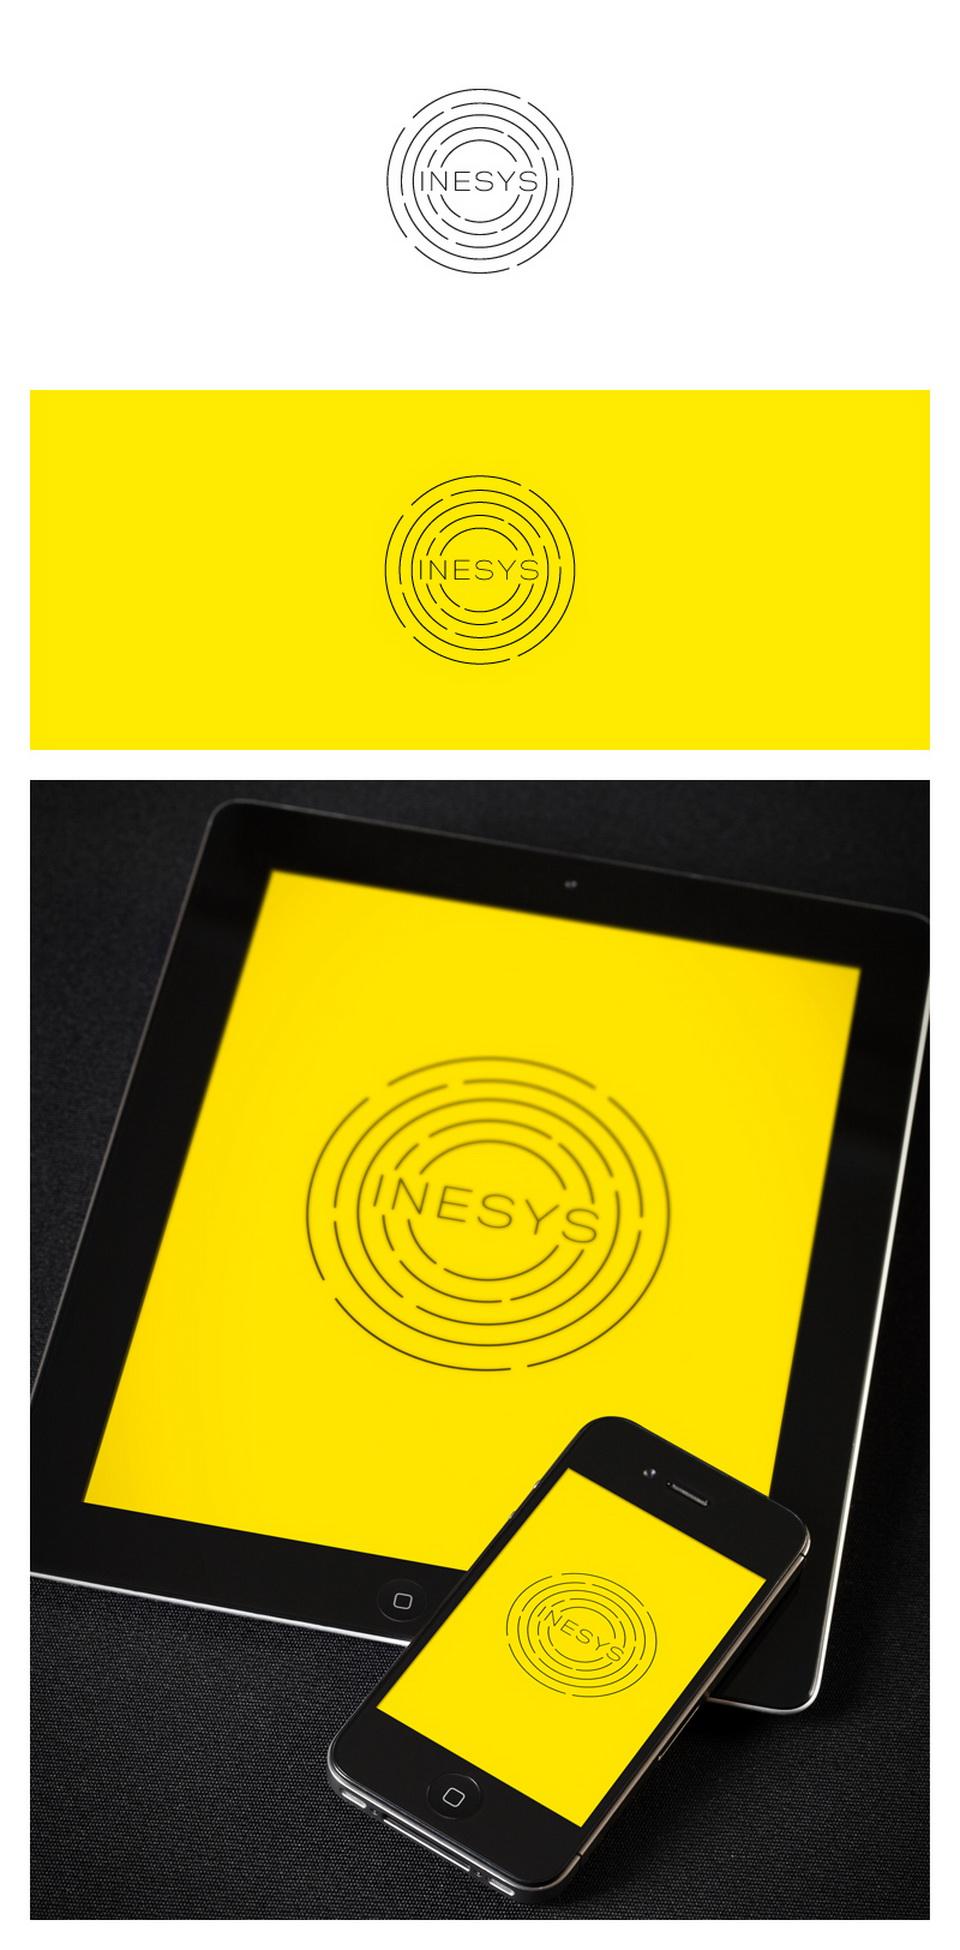 هوية الشركة الشعار INESIS INESYS